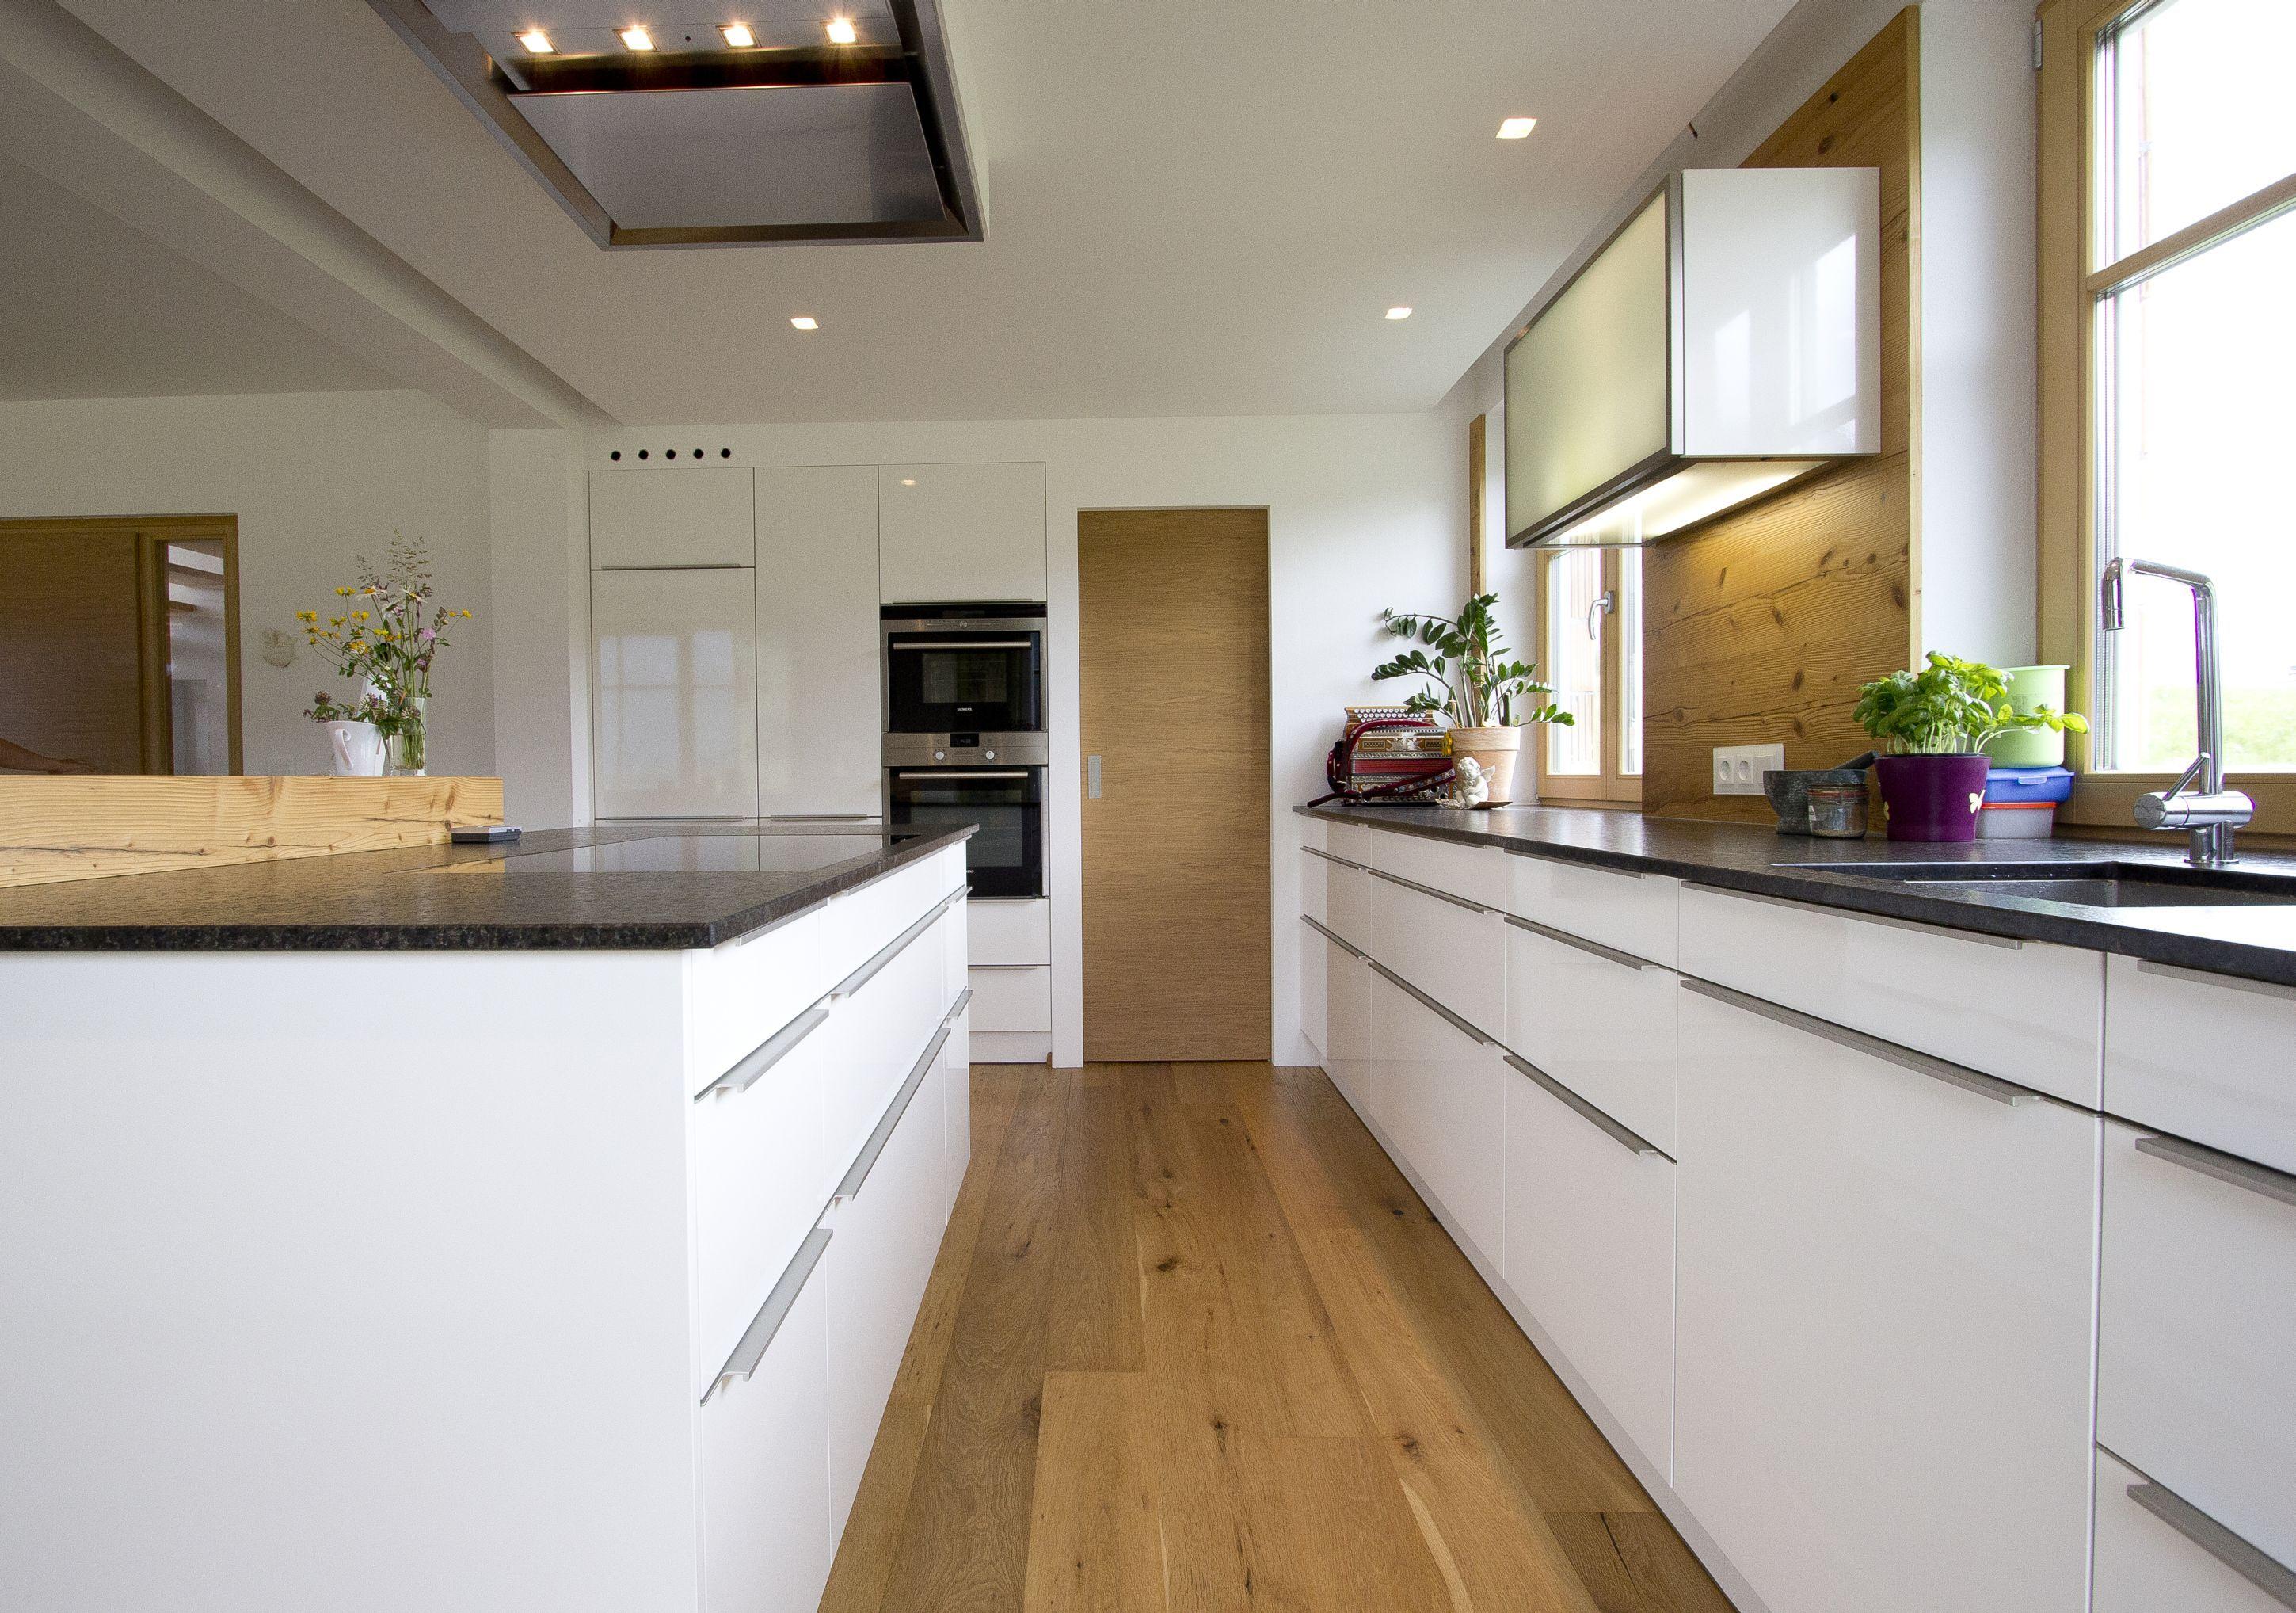 küchenplannung inspiration images oder ebacacecacc jpg